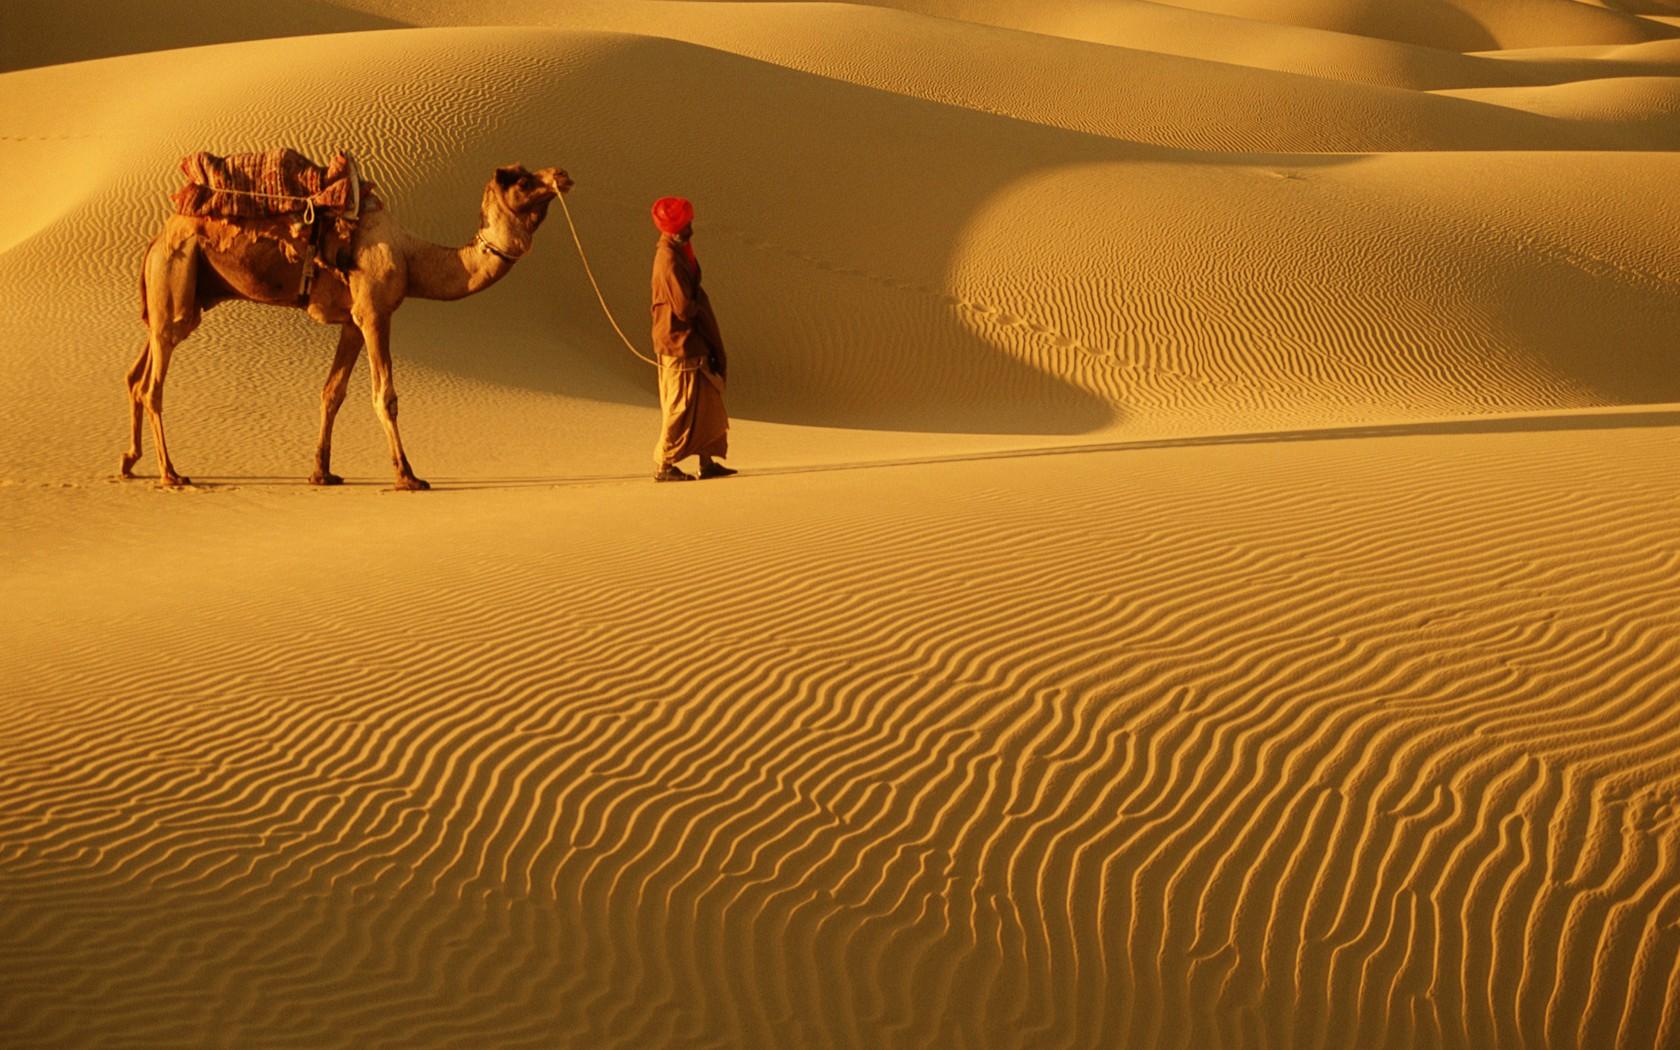 9_Rajasthan_AB13206-1680x1050